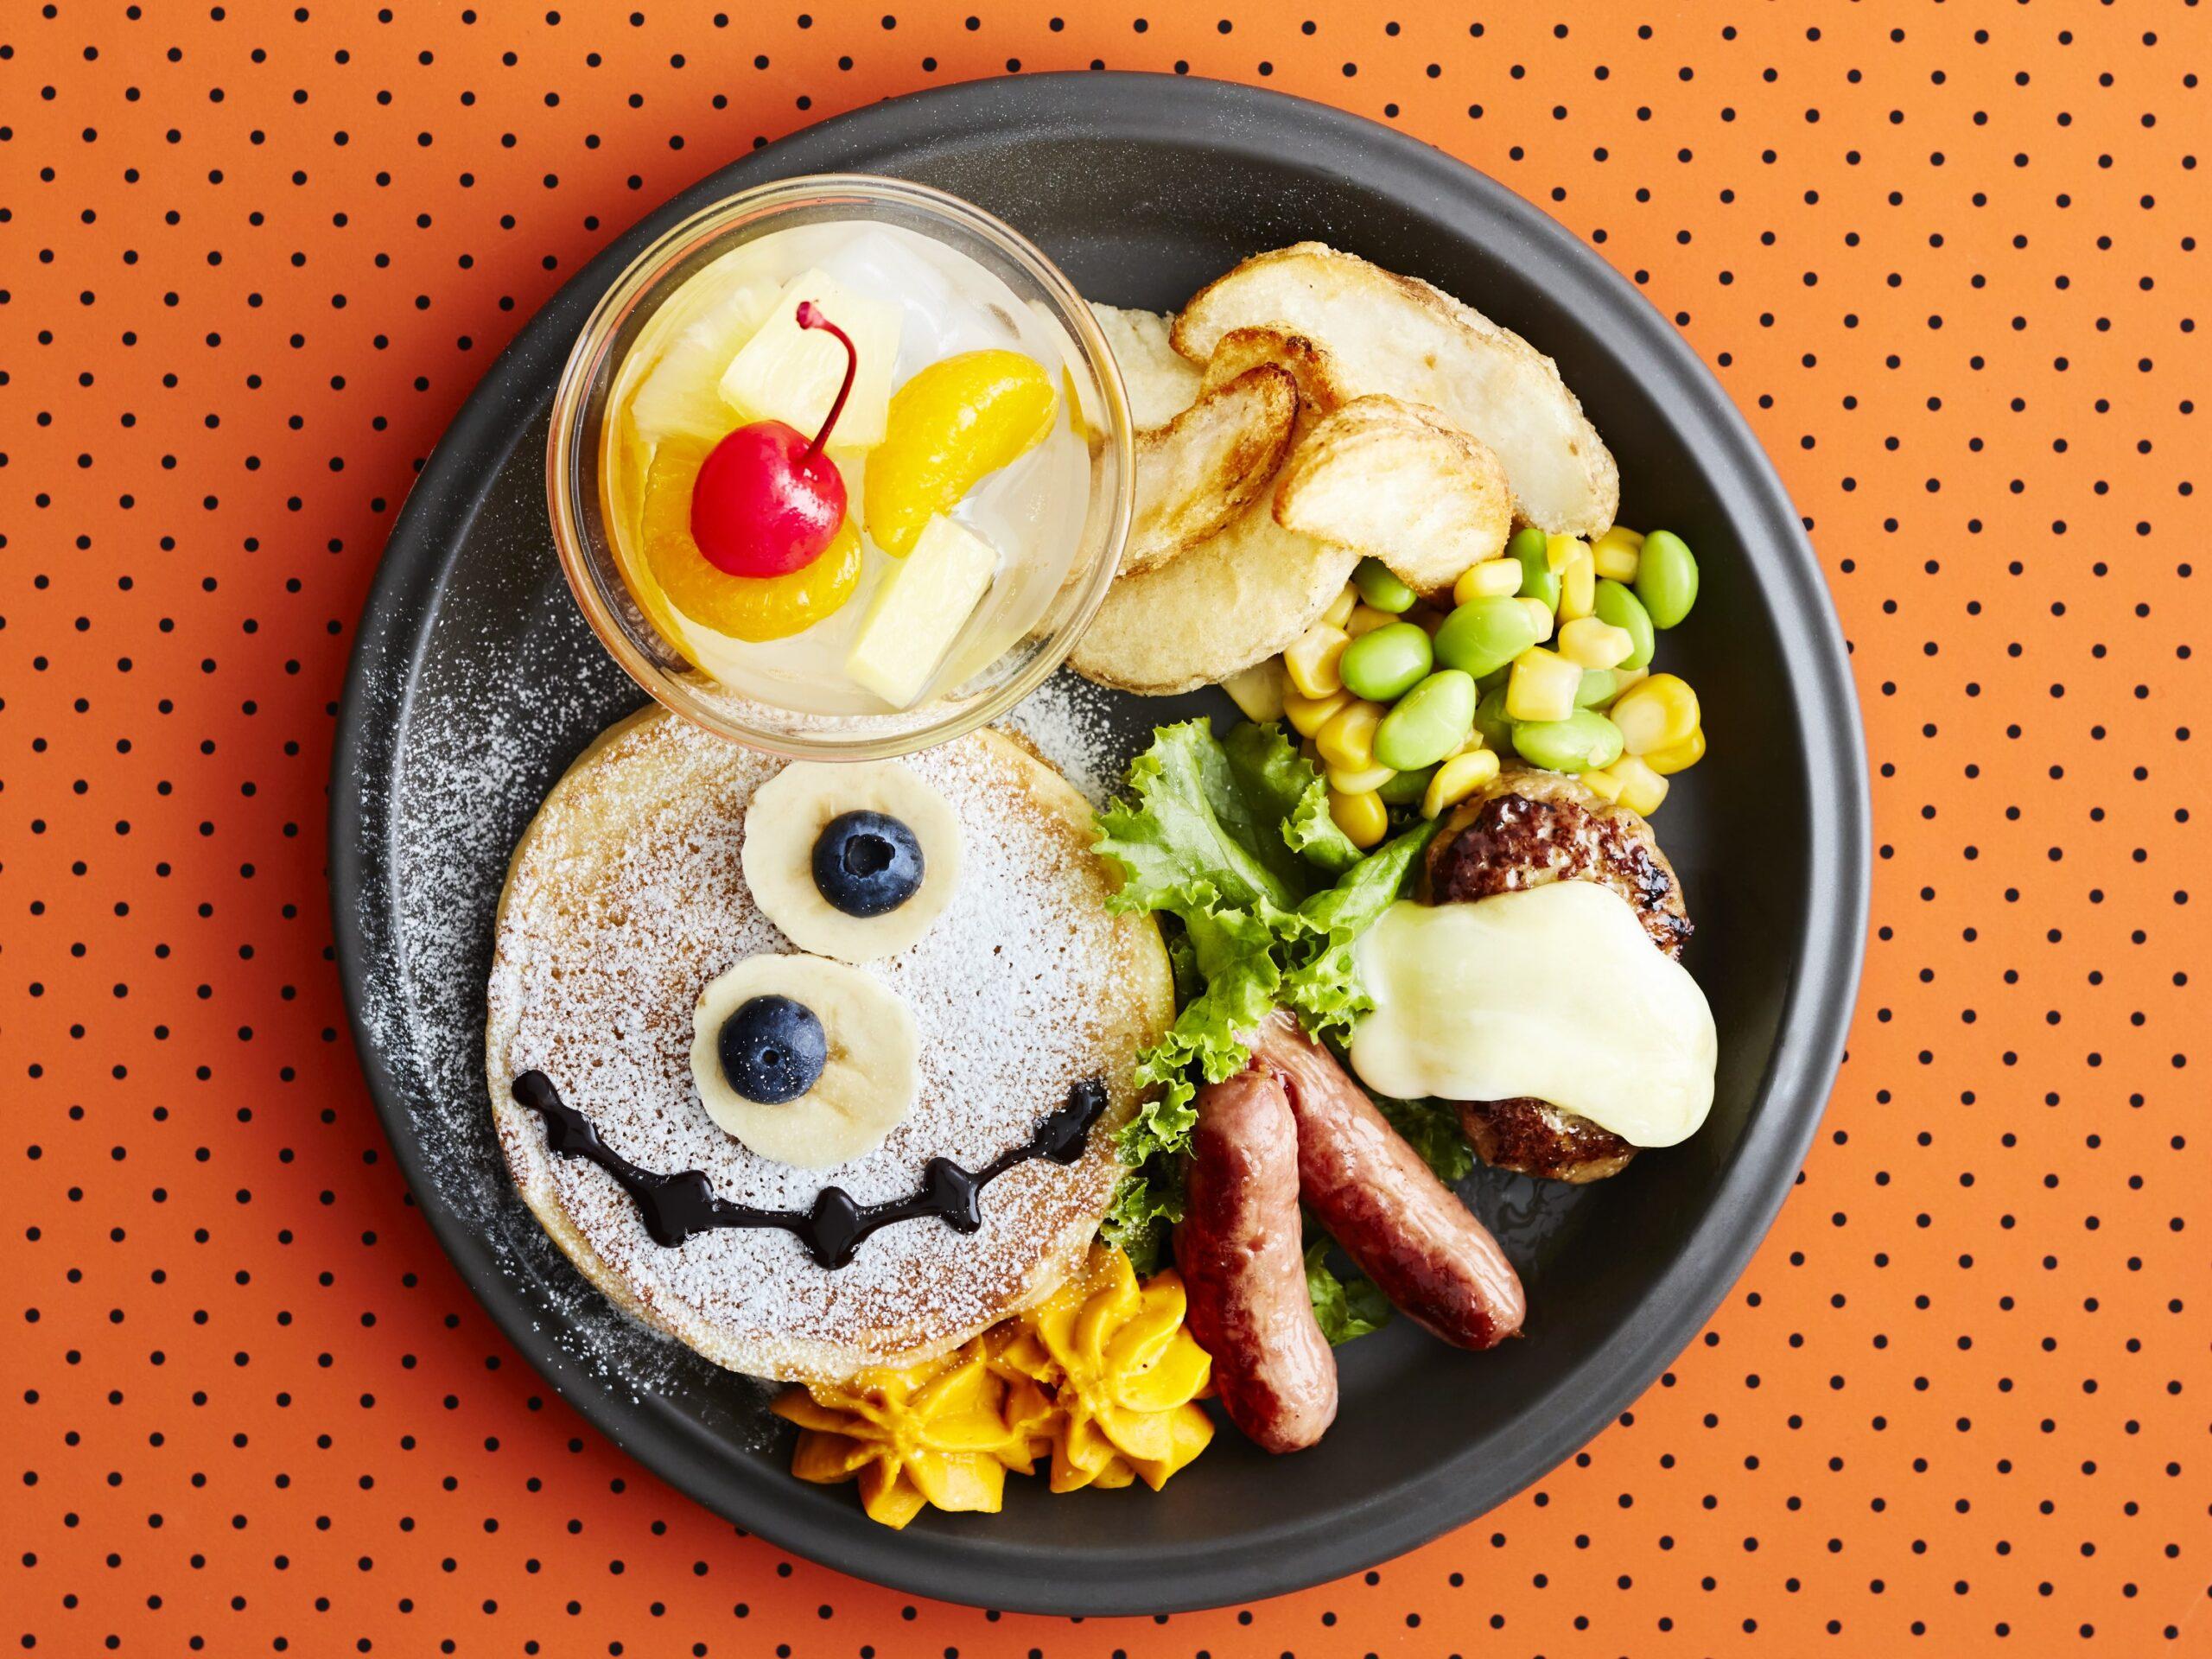 【期間限定】ハロウィンキッズパンケーキ